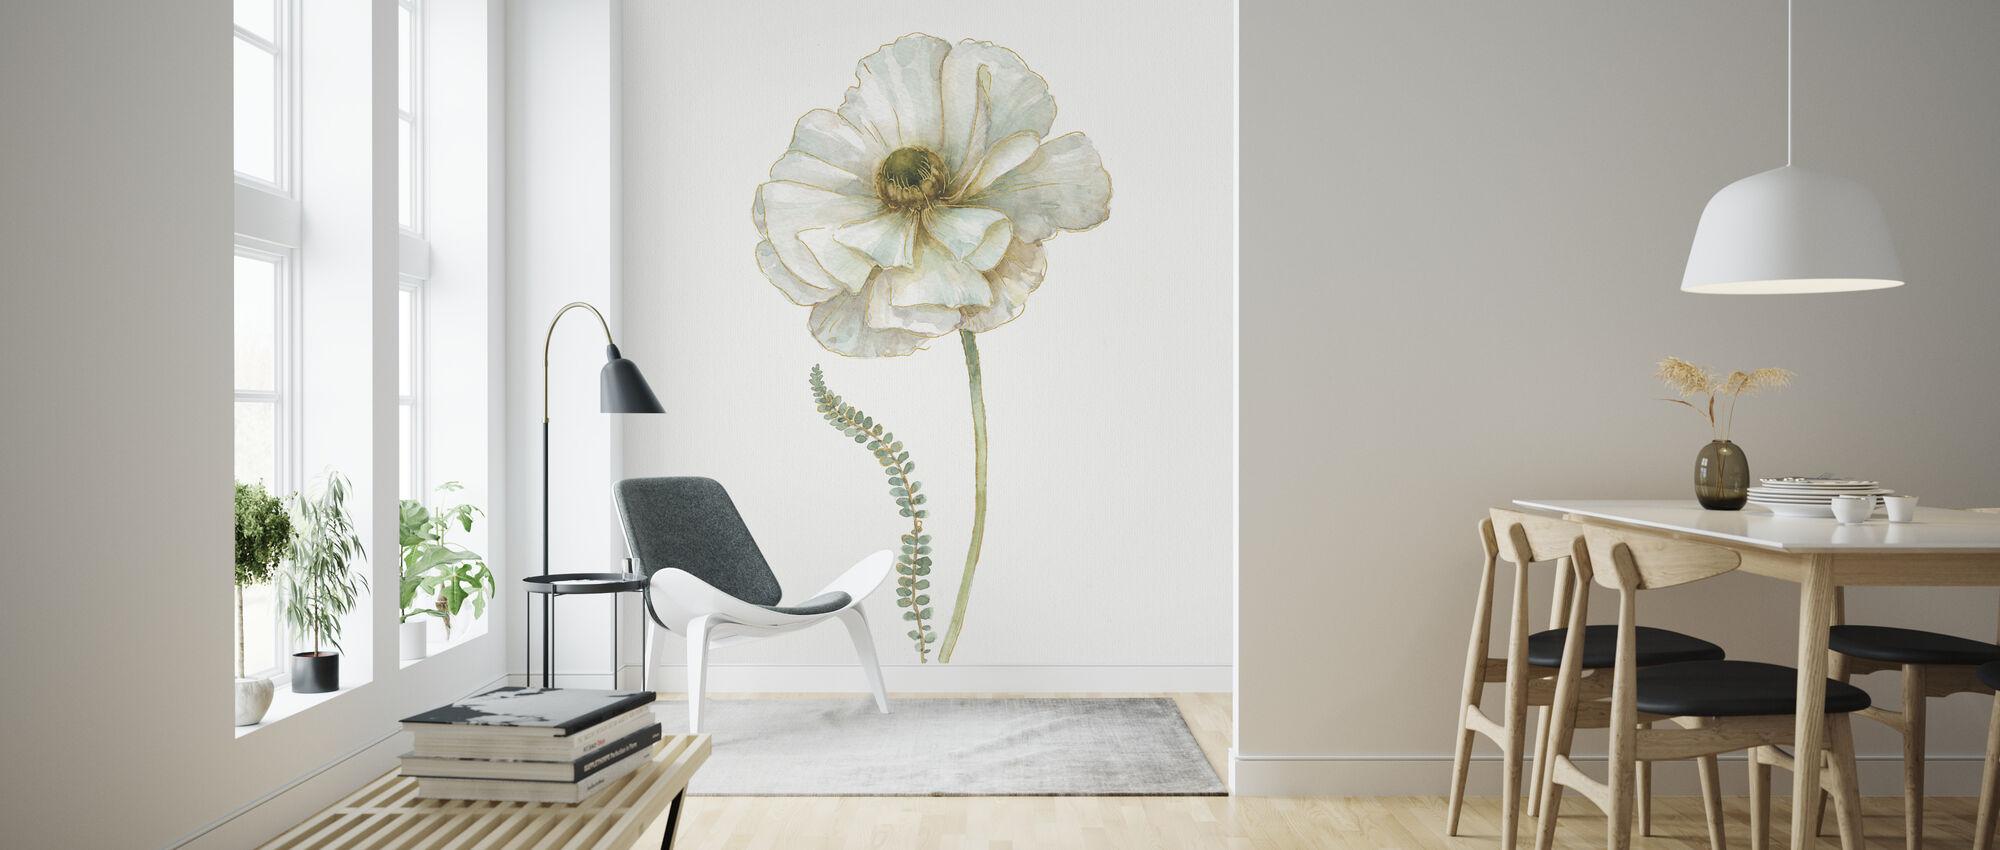 Min drivhus enkelt Poppy II - Tapet - Stue